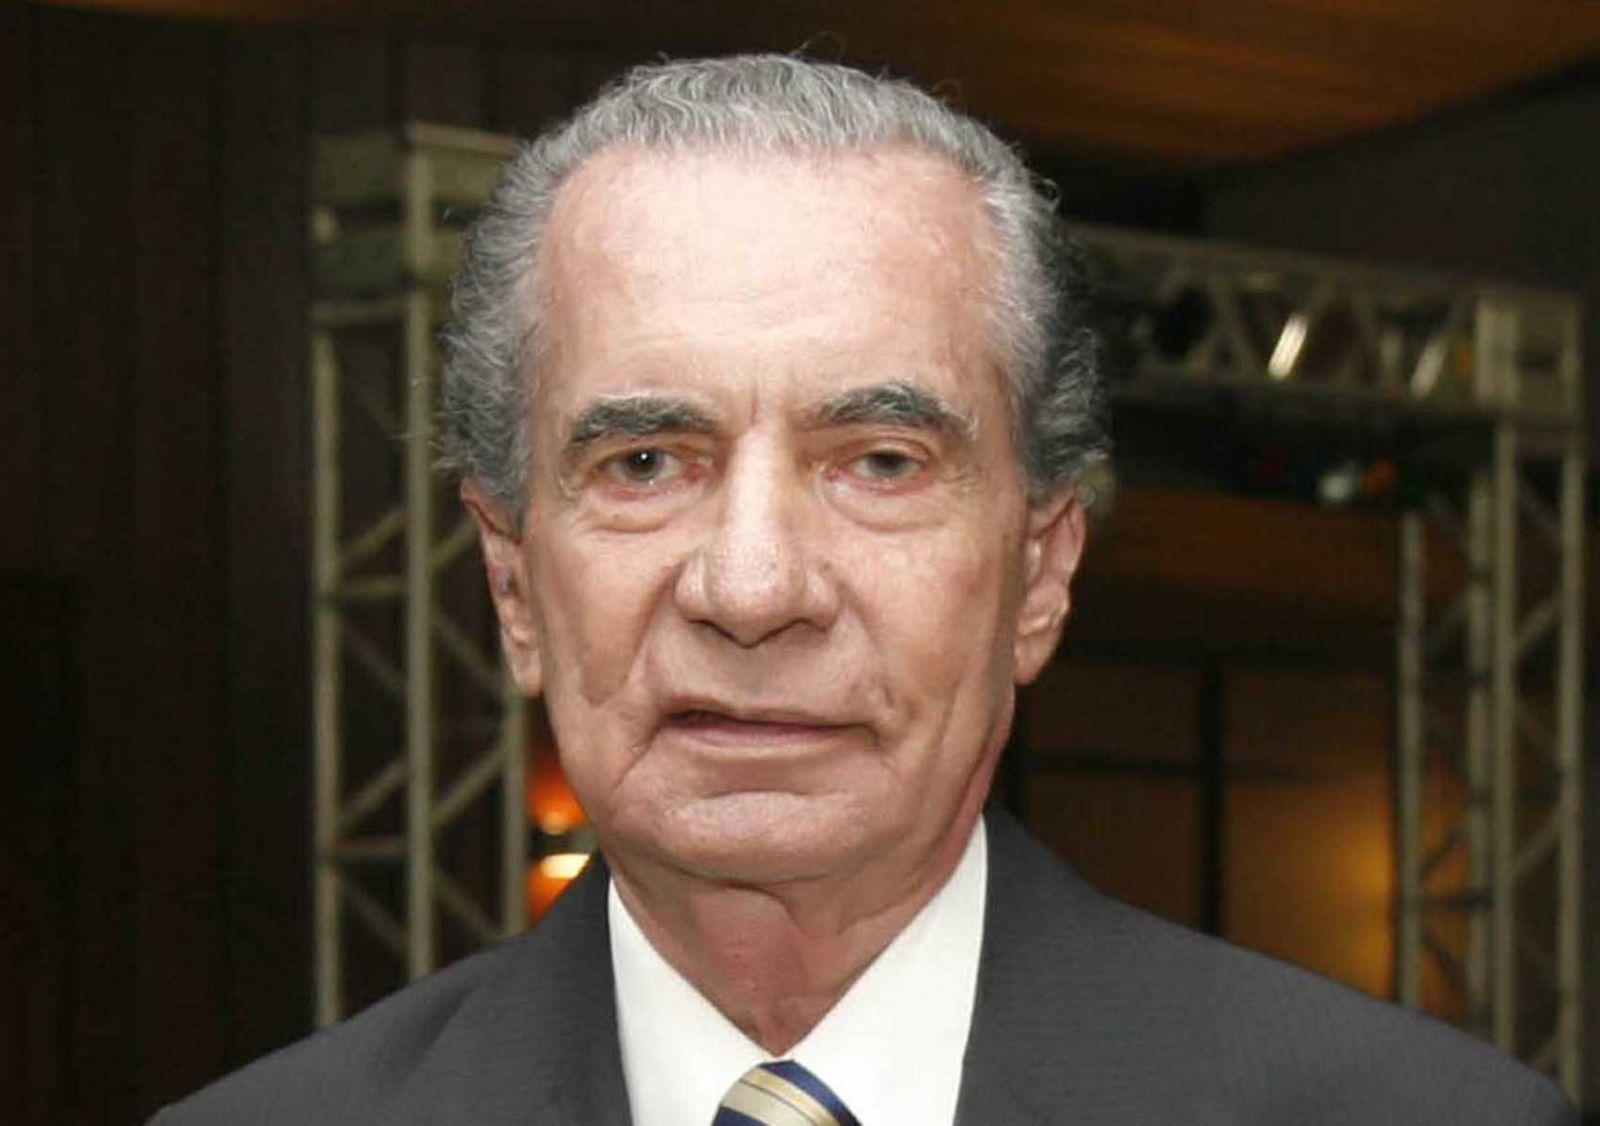 Enquanto  as religiões estão parabenizando João Batista este Site está parabenizando João Durval Carneiro a very important person